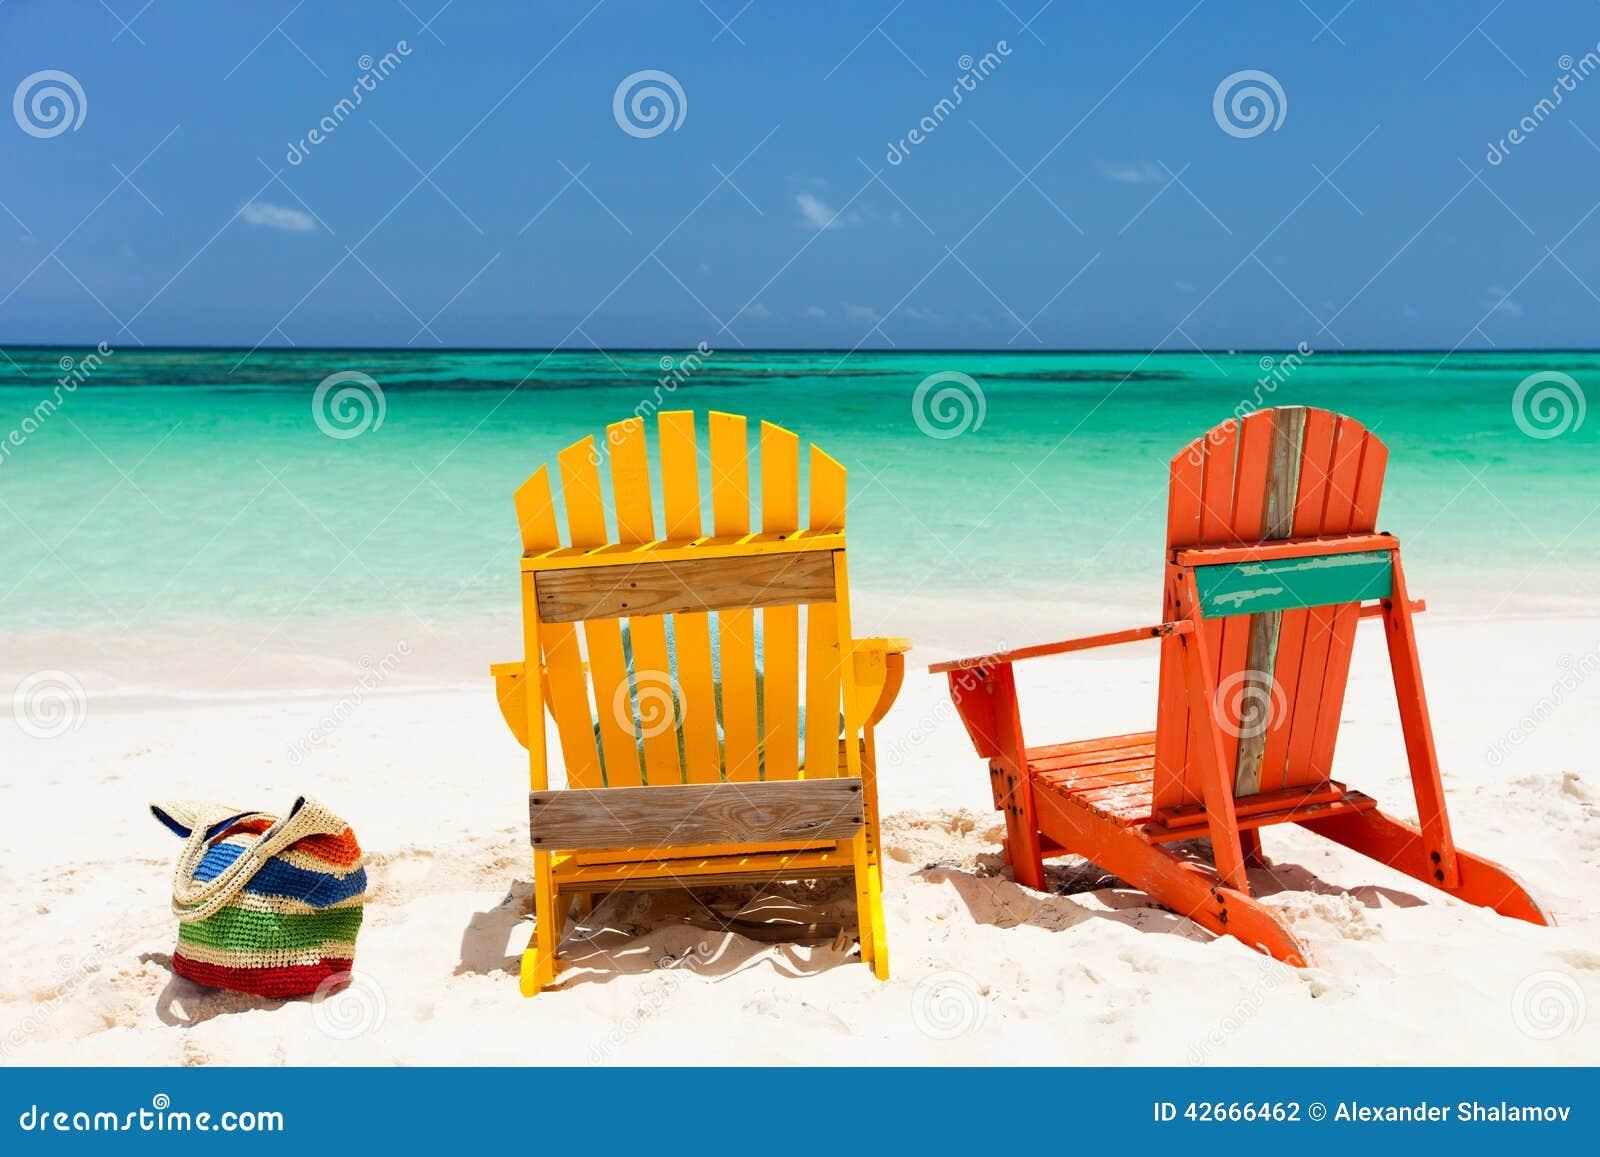 Sillones Coloridos.Sillones Coloridos En La Playa Del Caribe Foto De Archivo